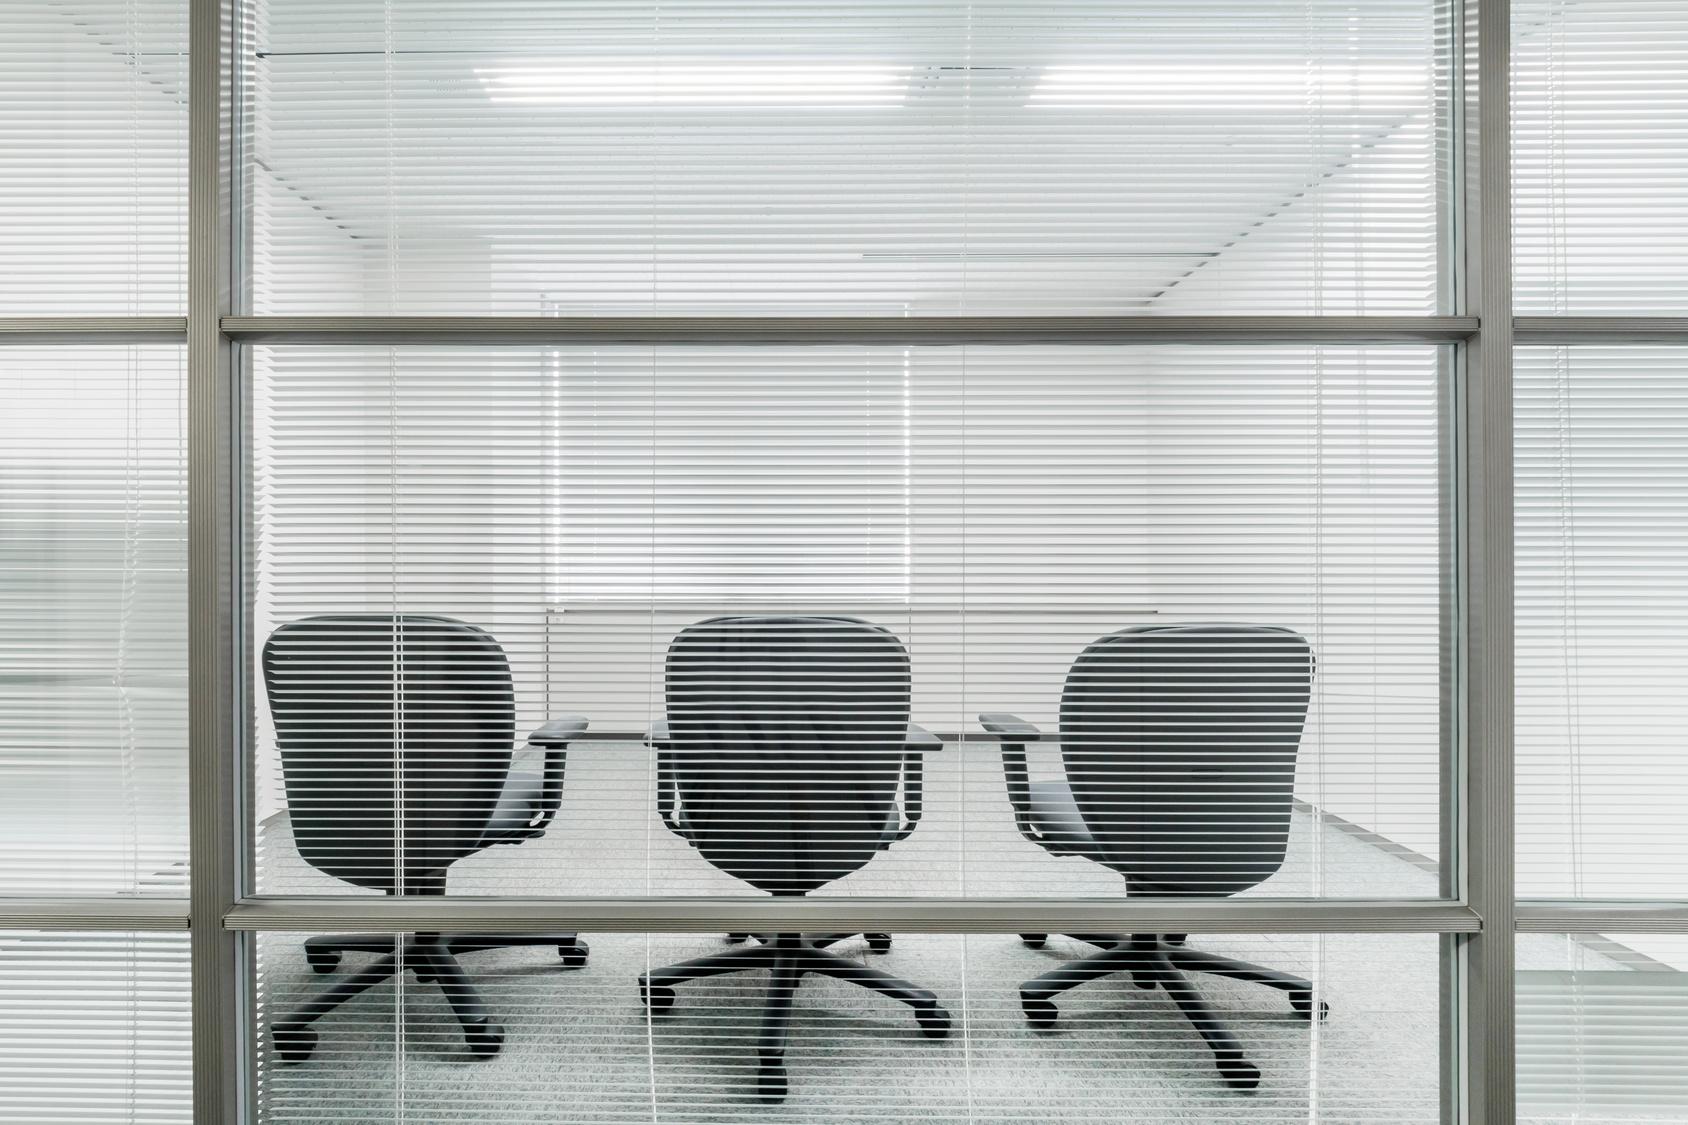 現役転職エージェントが教える転職面接の基本マナー講座③ 入退室